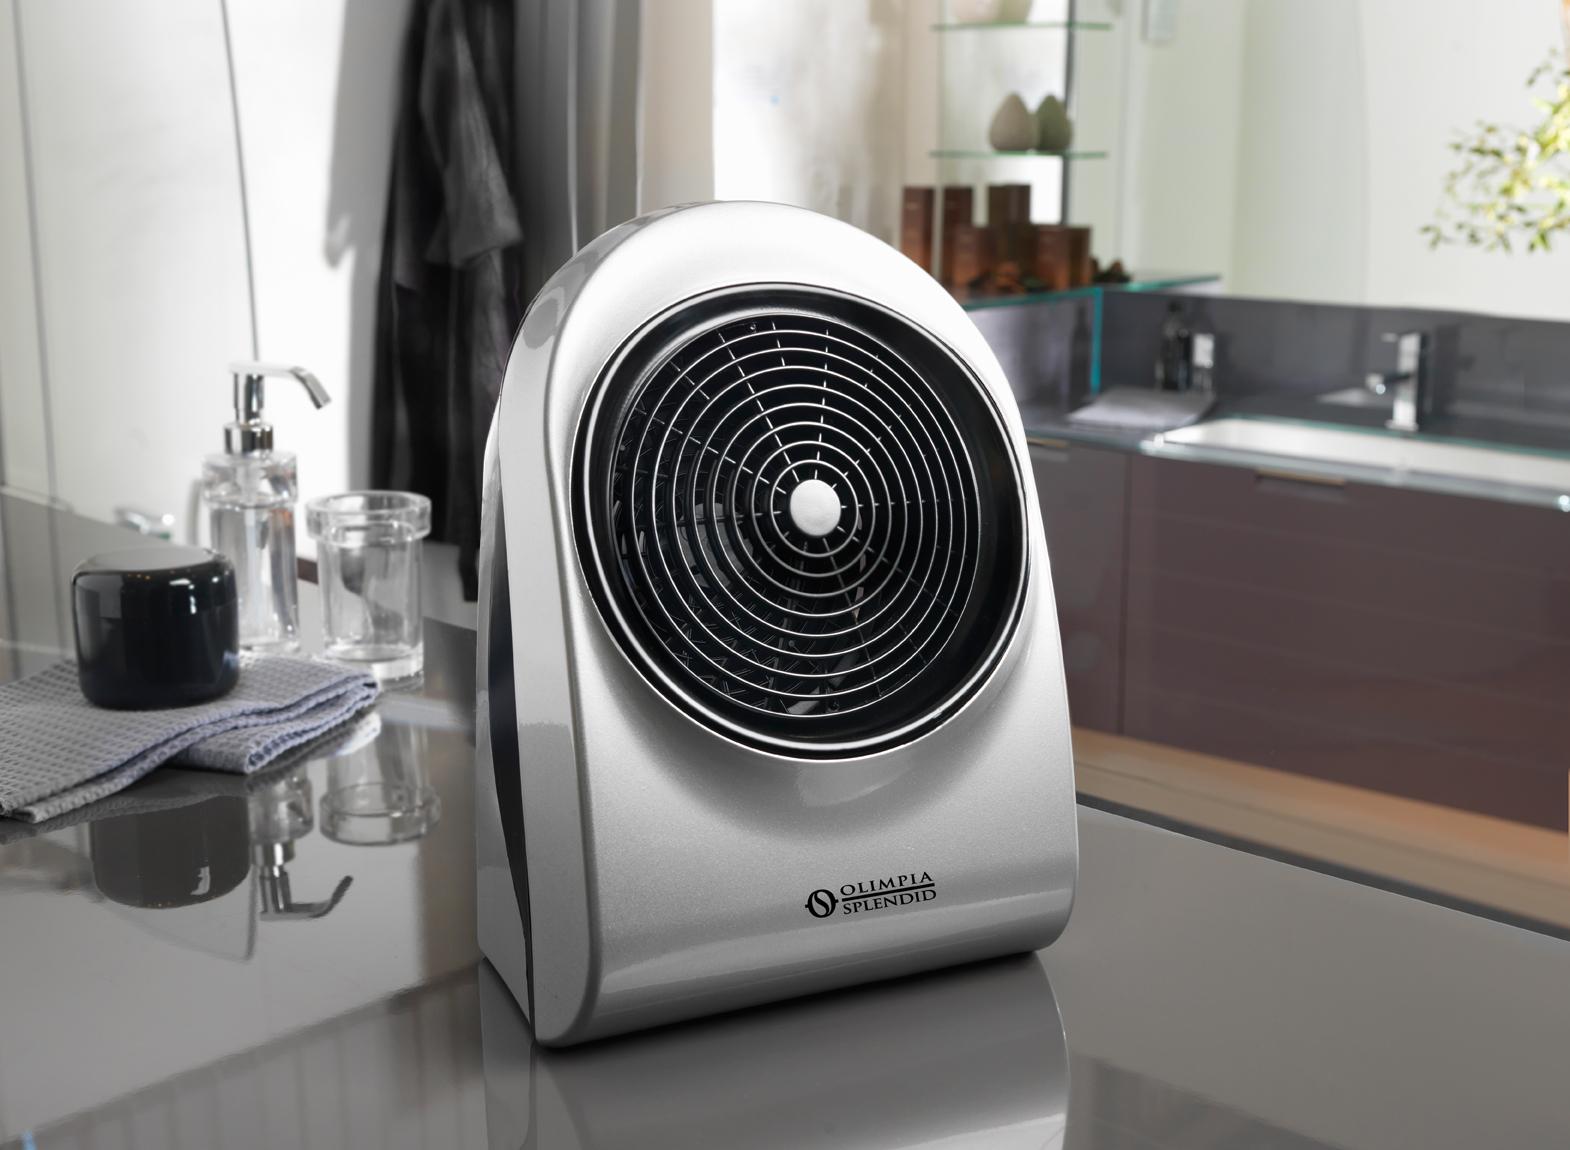 Stufa elettrica da 600 watt scegli tra i modelli pi for Stufe elettriche a basso consumo bimar